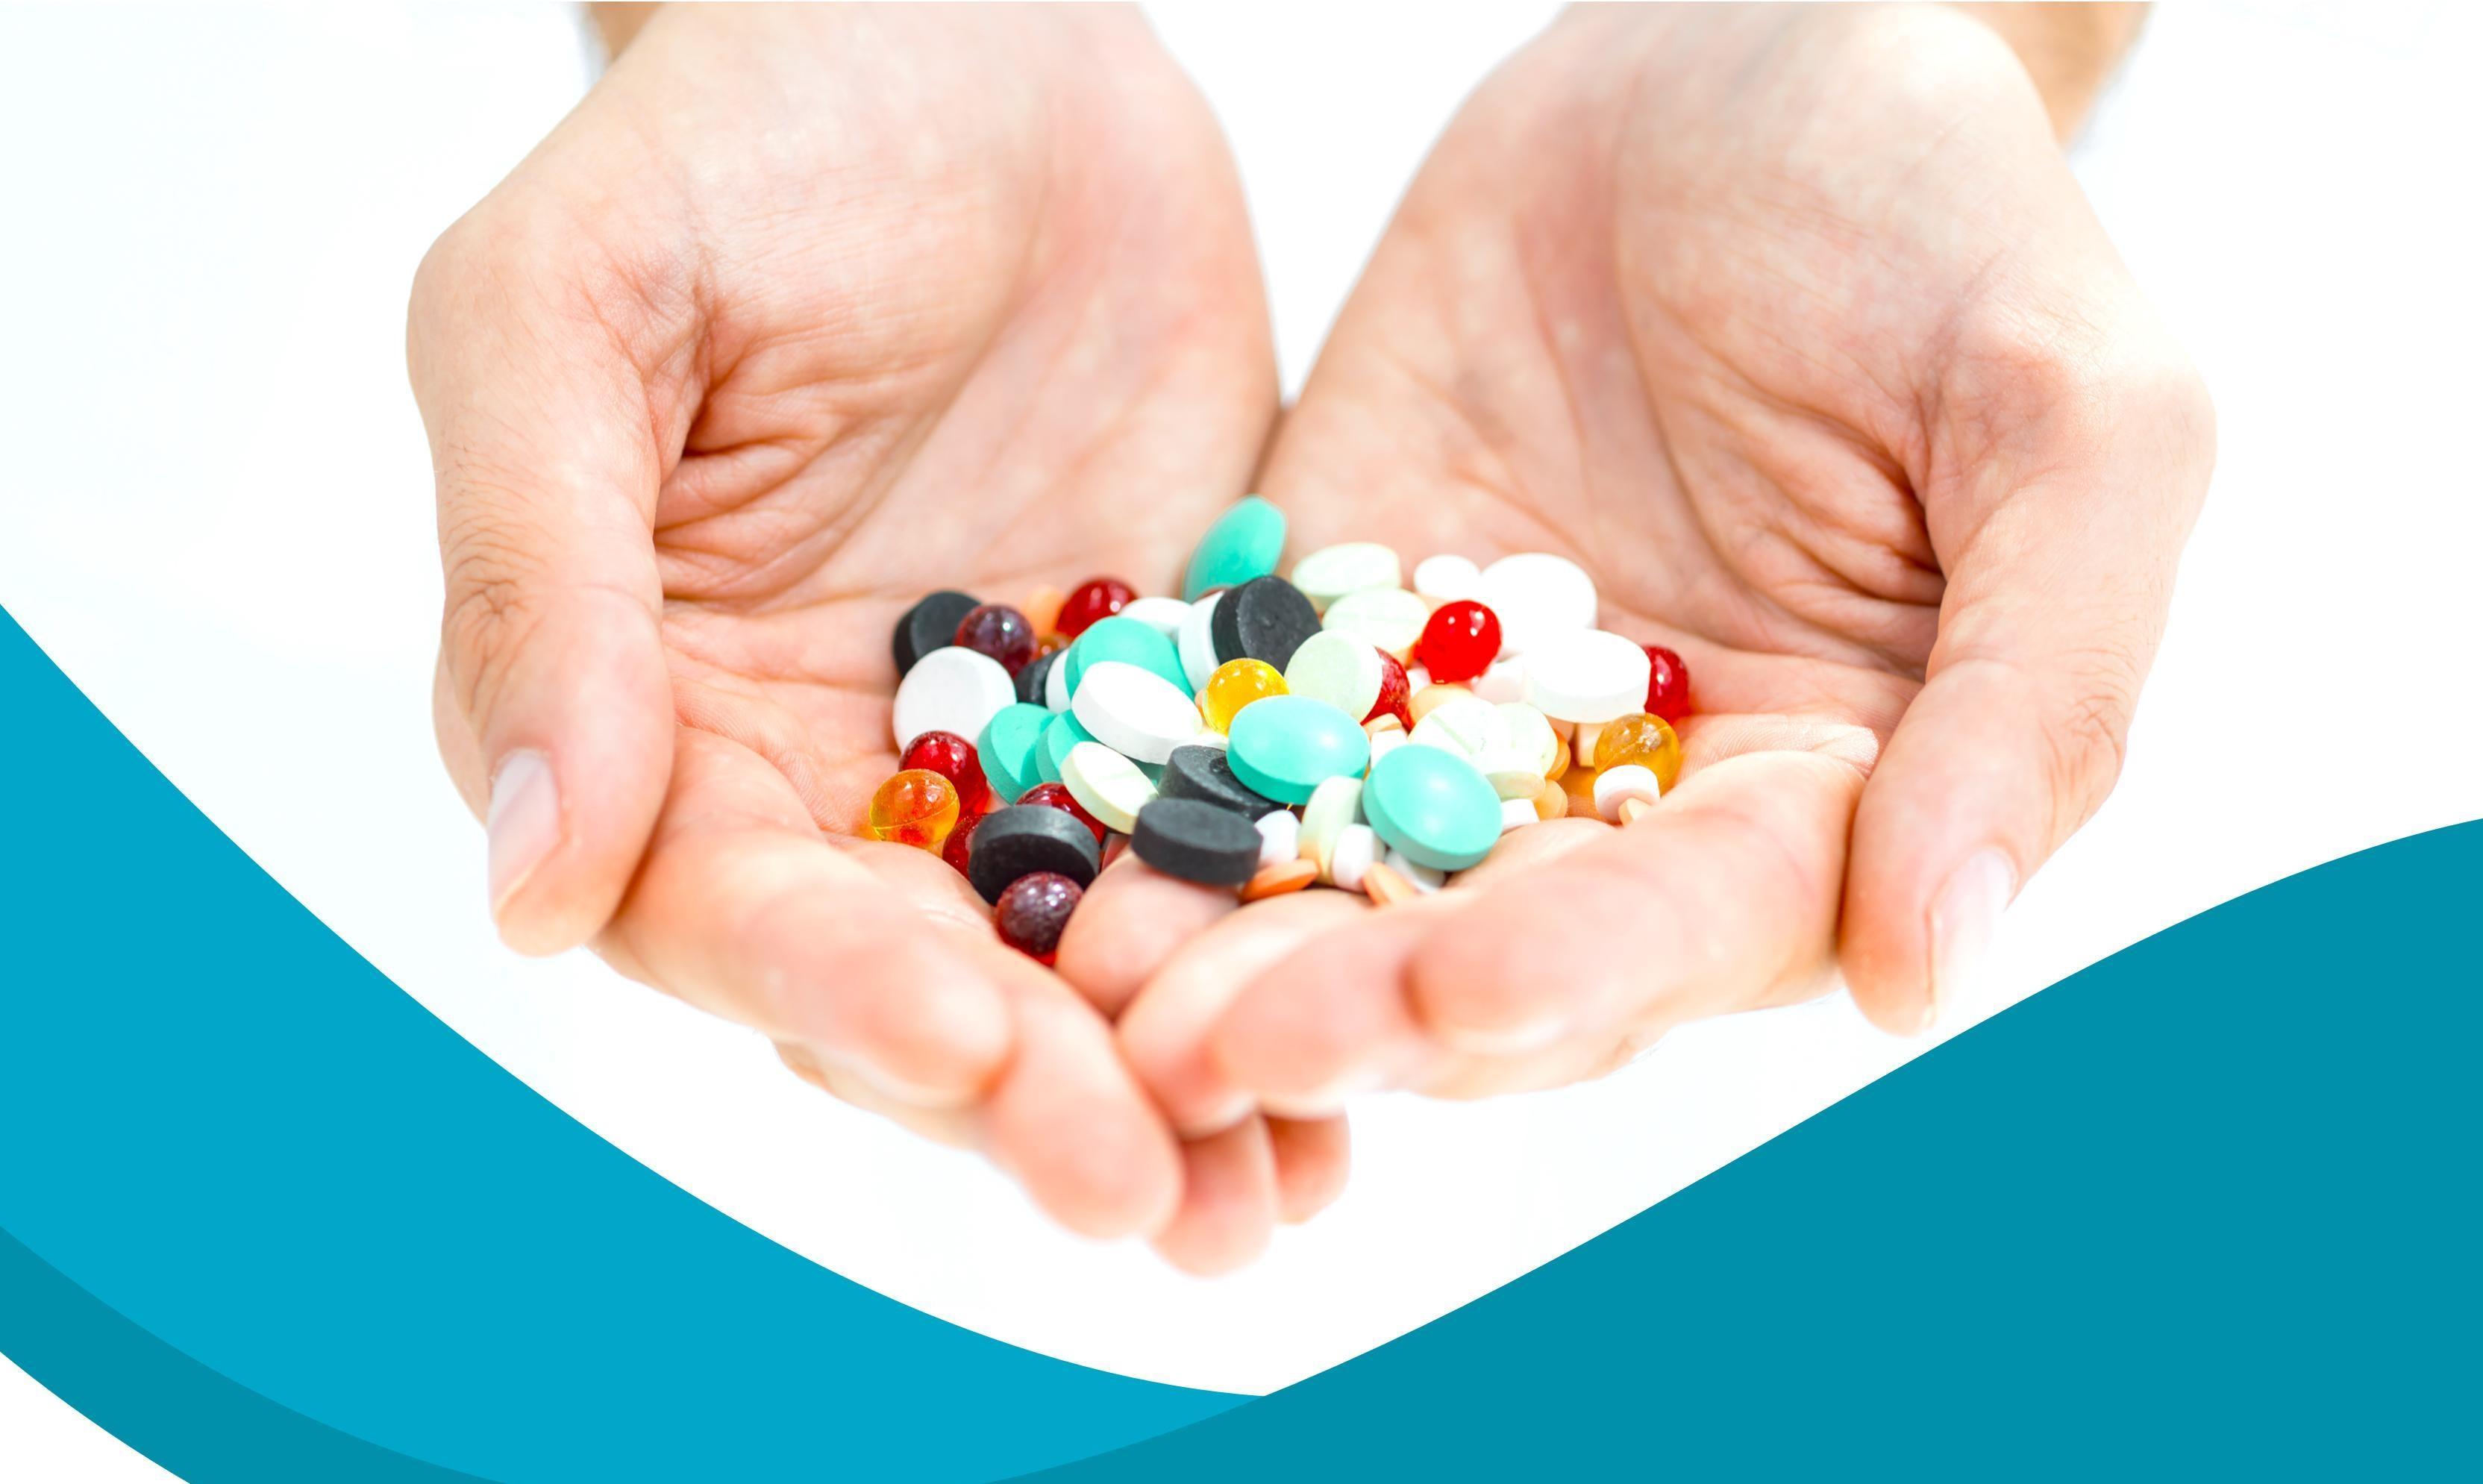 Den lékáren v Nemocnici Blansko na téma: Péče o pacienta v domácím prostředí